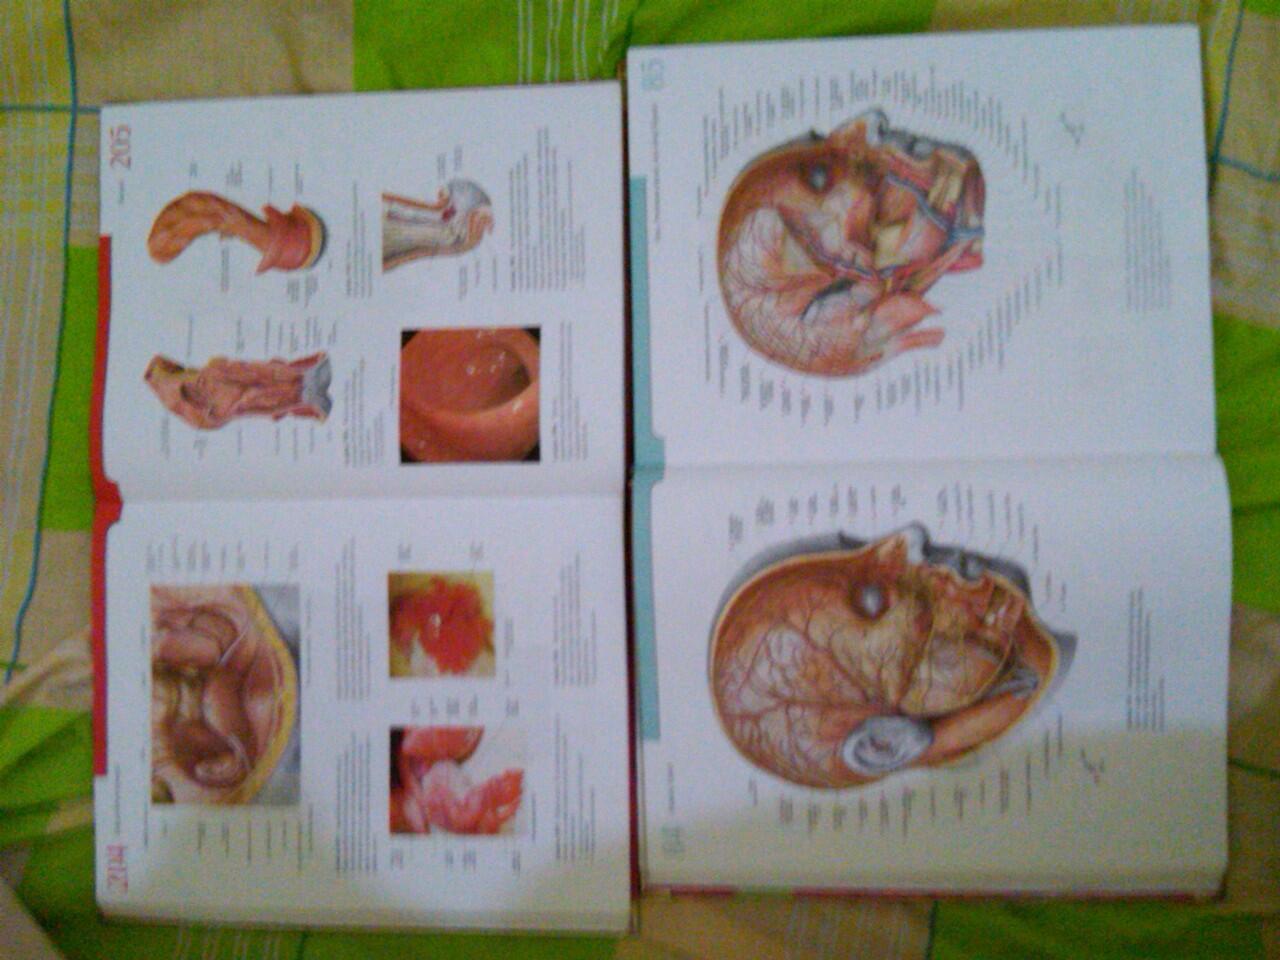 JUAL>2nd Atlas Anatomi Manusia Sobotta dan Kamus Kedokteran Dorland